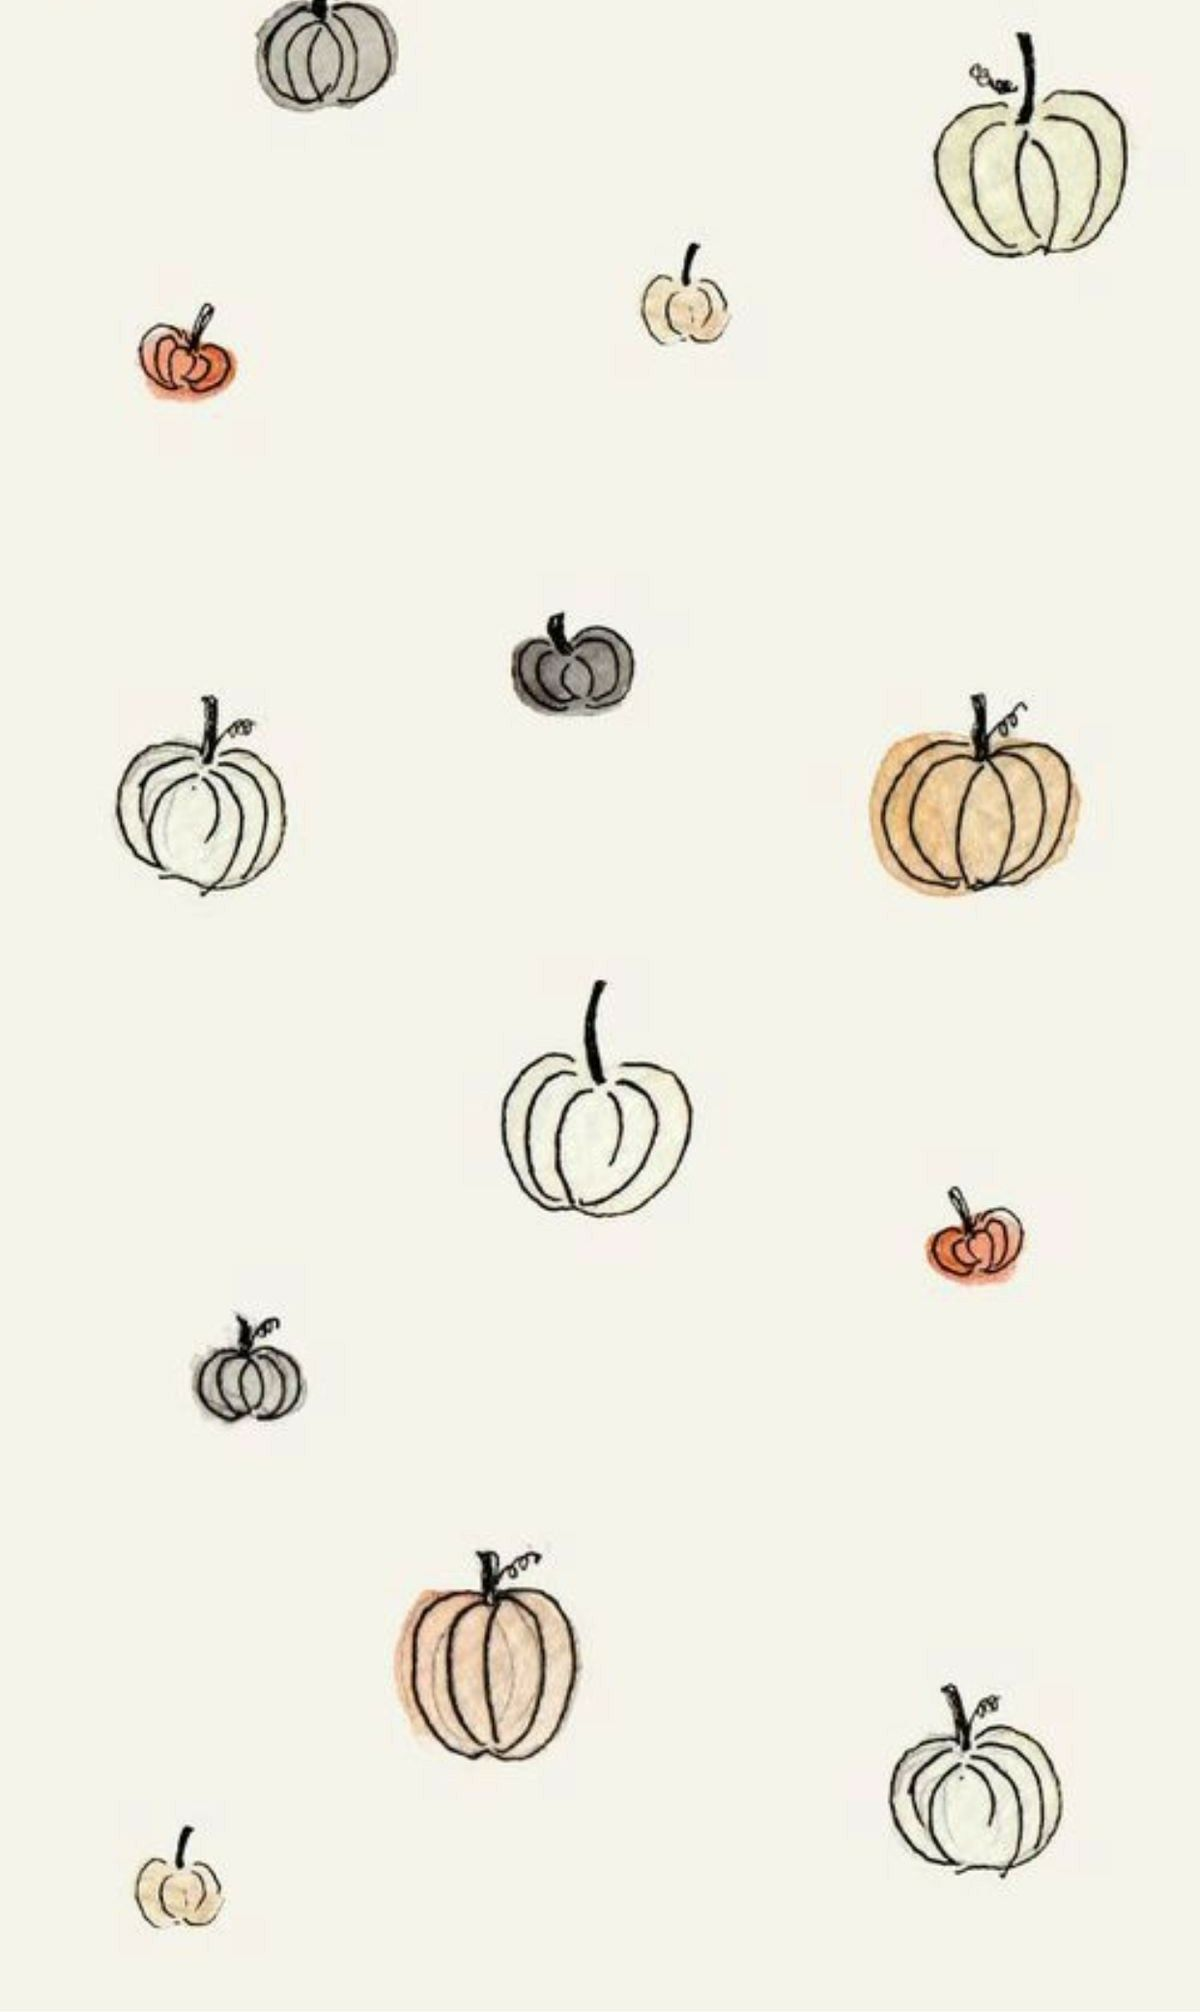 Fall Pumpkins In 2019 Iphone Wallpaper Fall Fall